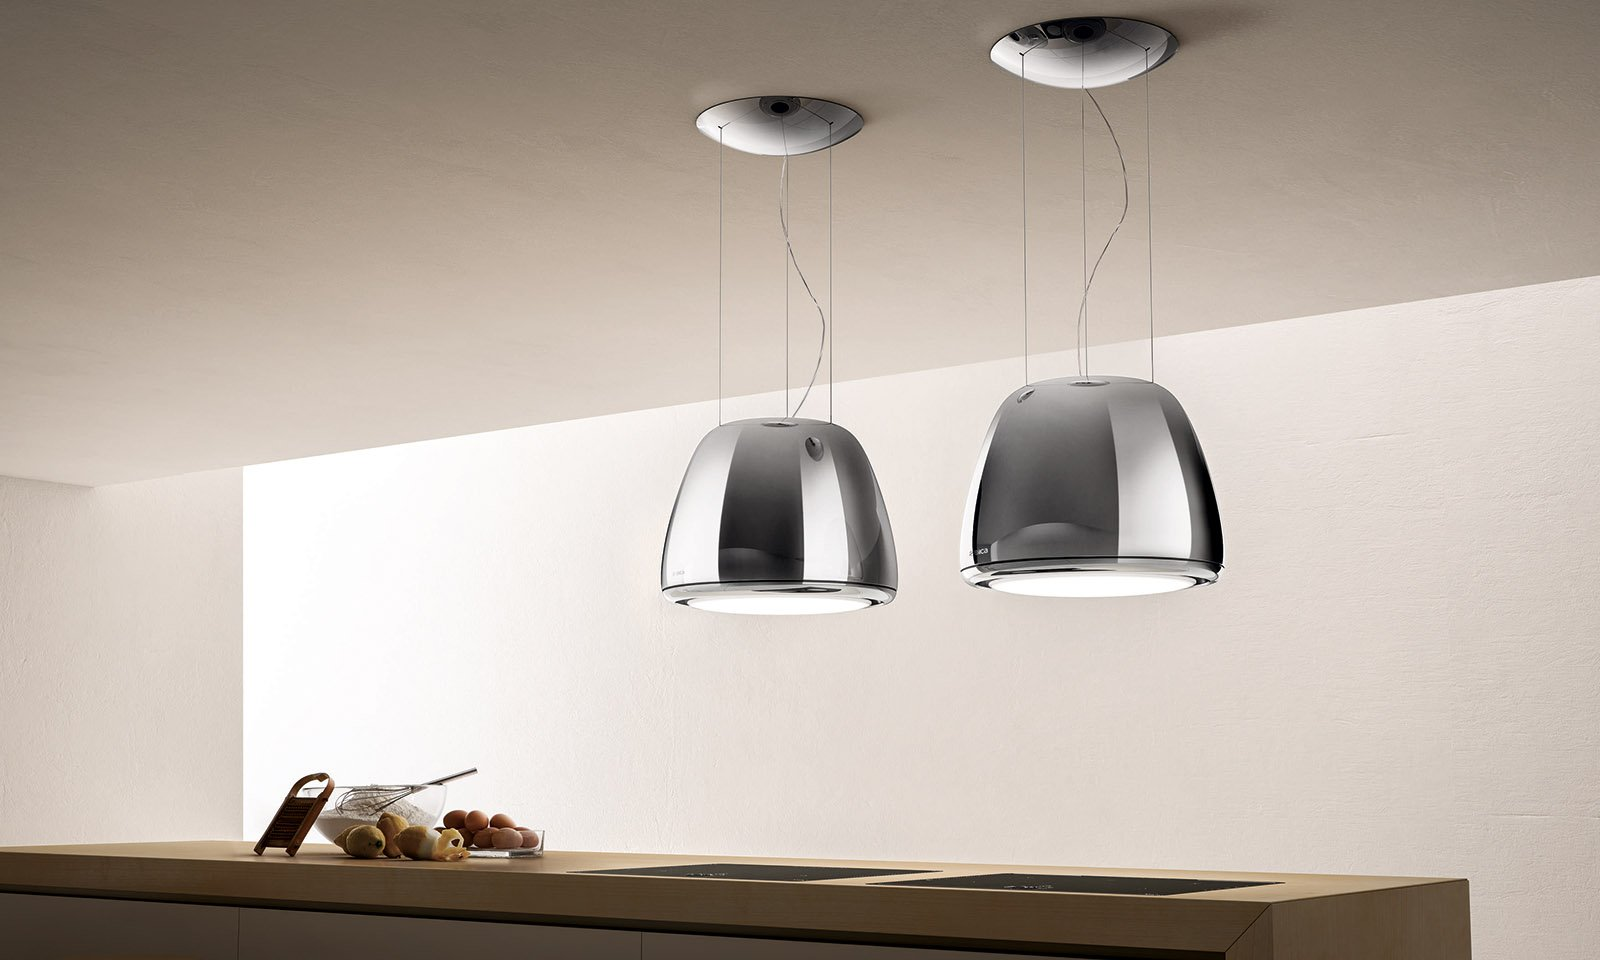 Cucina la luce nel punto giusto cose di casa for Luci cucina design